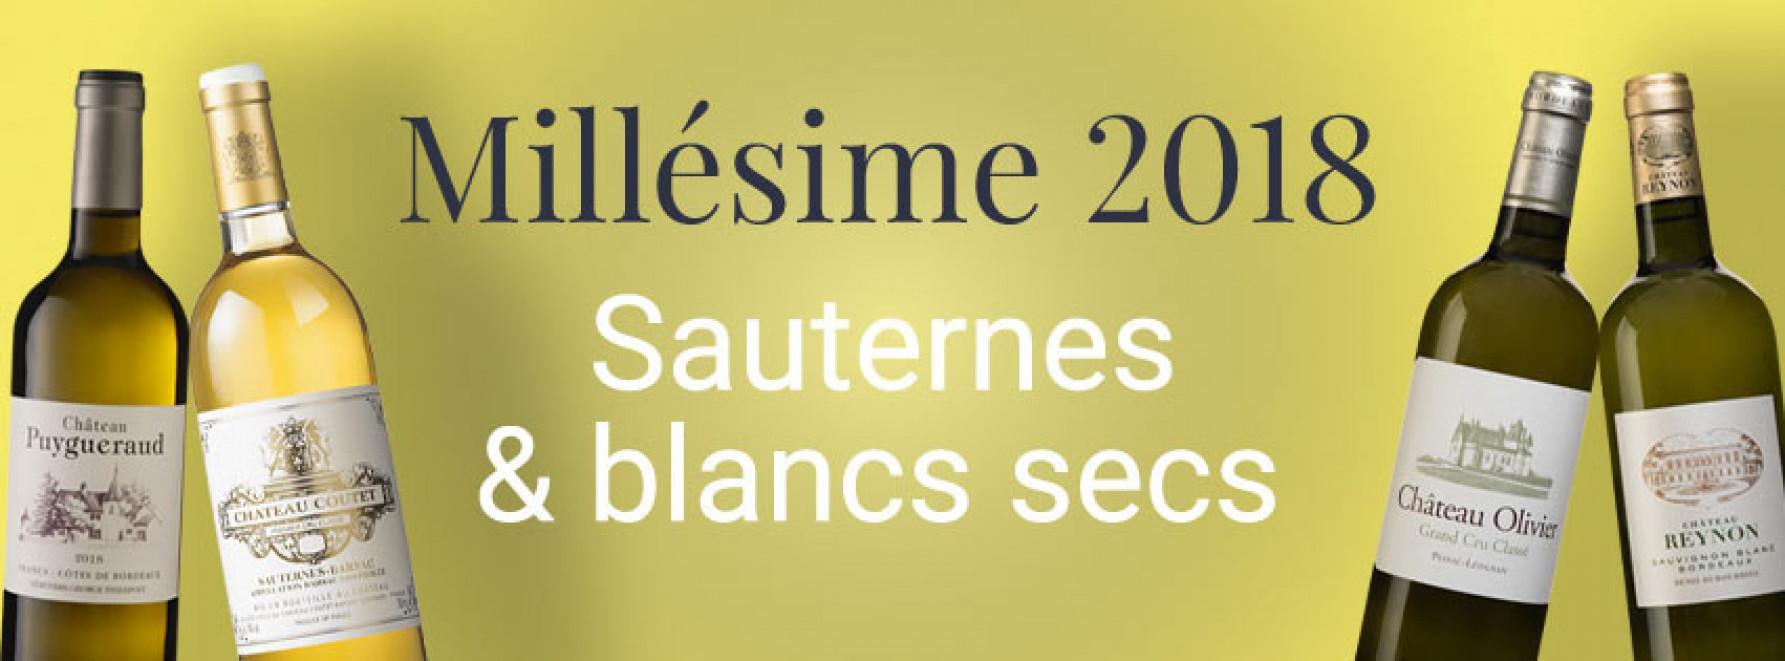 Millésime 2018 | Sauternes & blancs secs